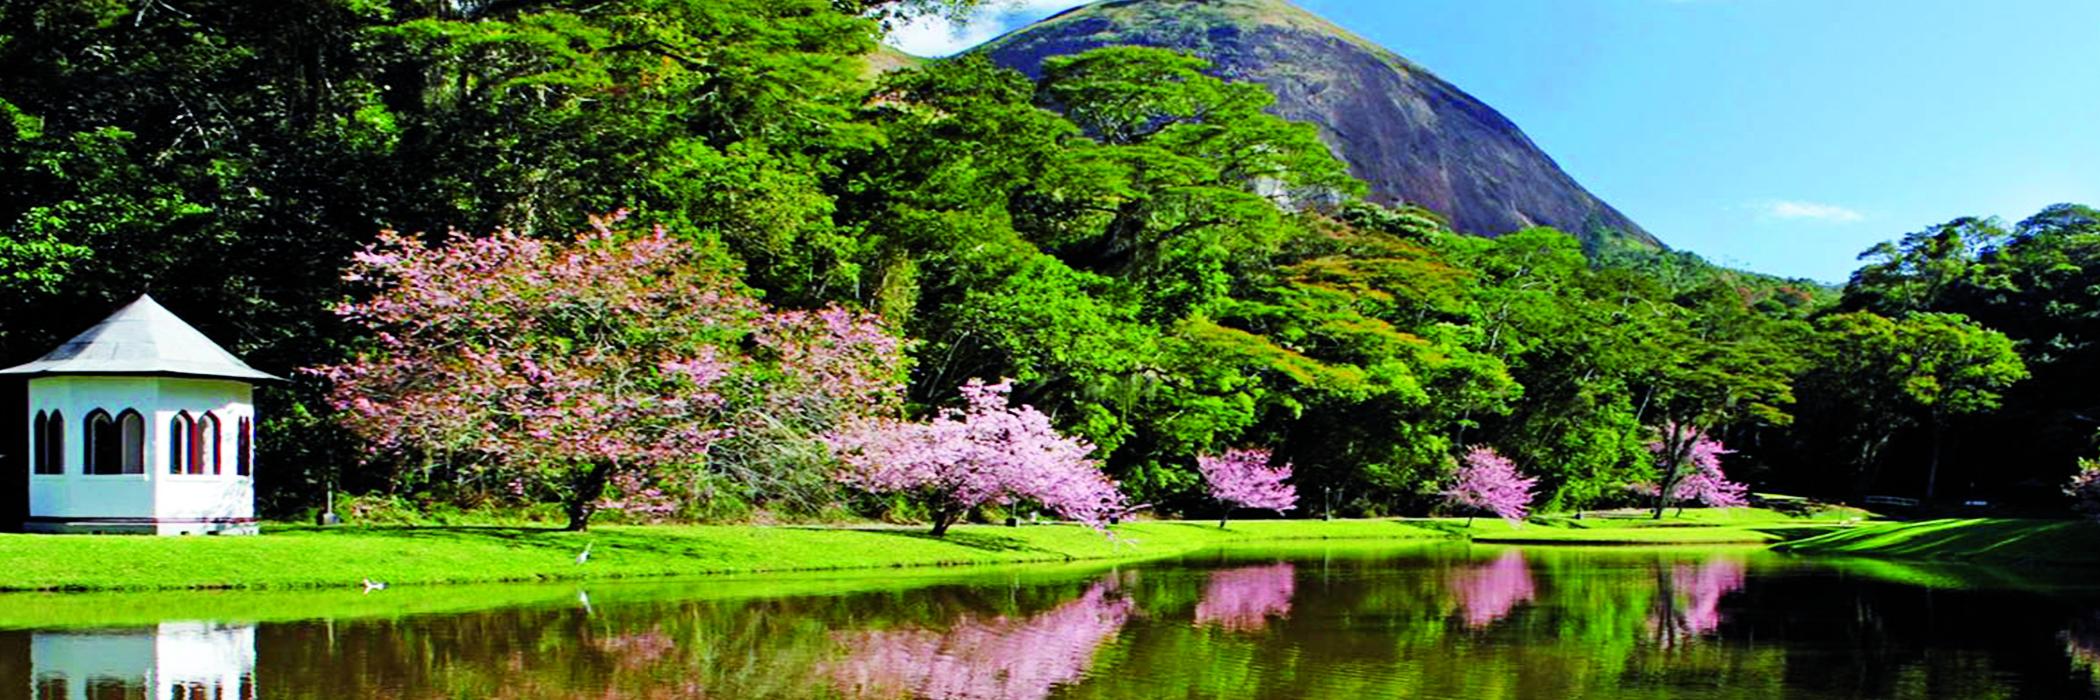 Rota da Serra Verde Imperial - RJ roteiro FRIBURGO